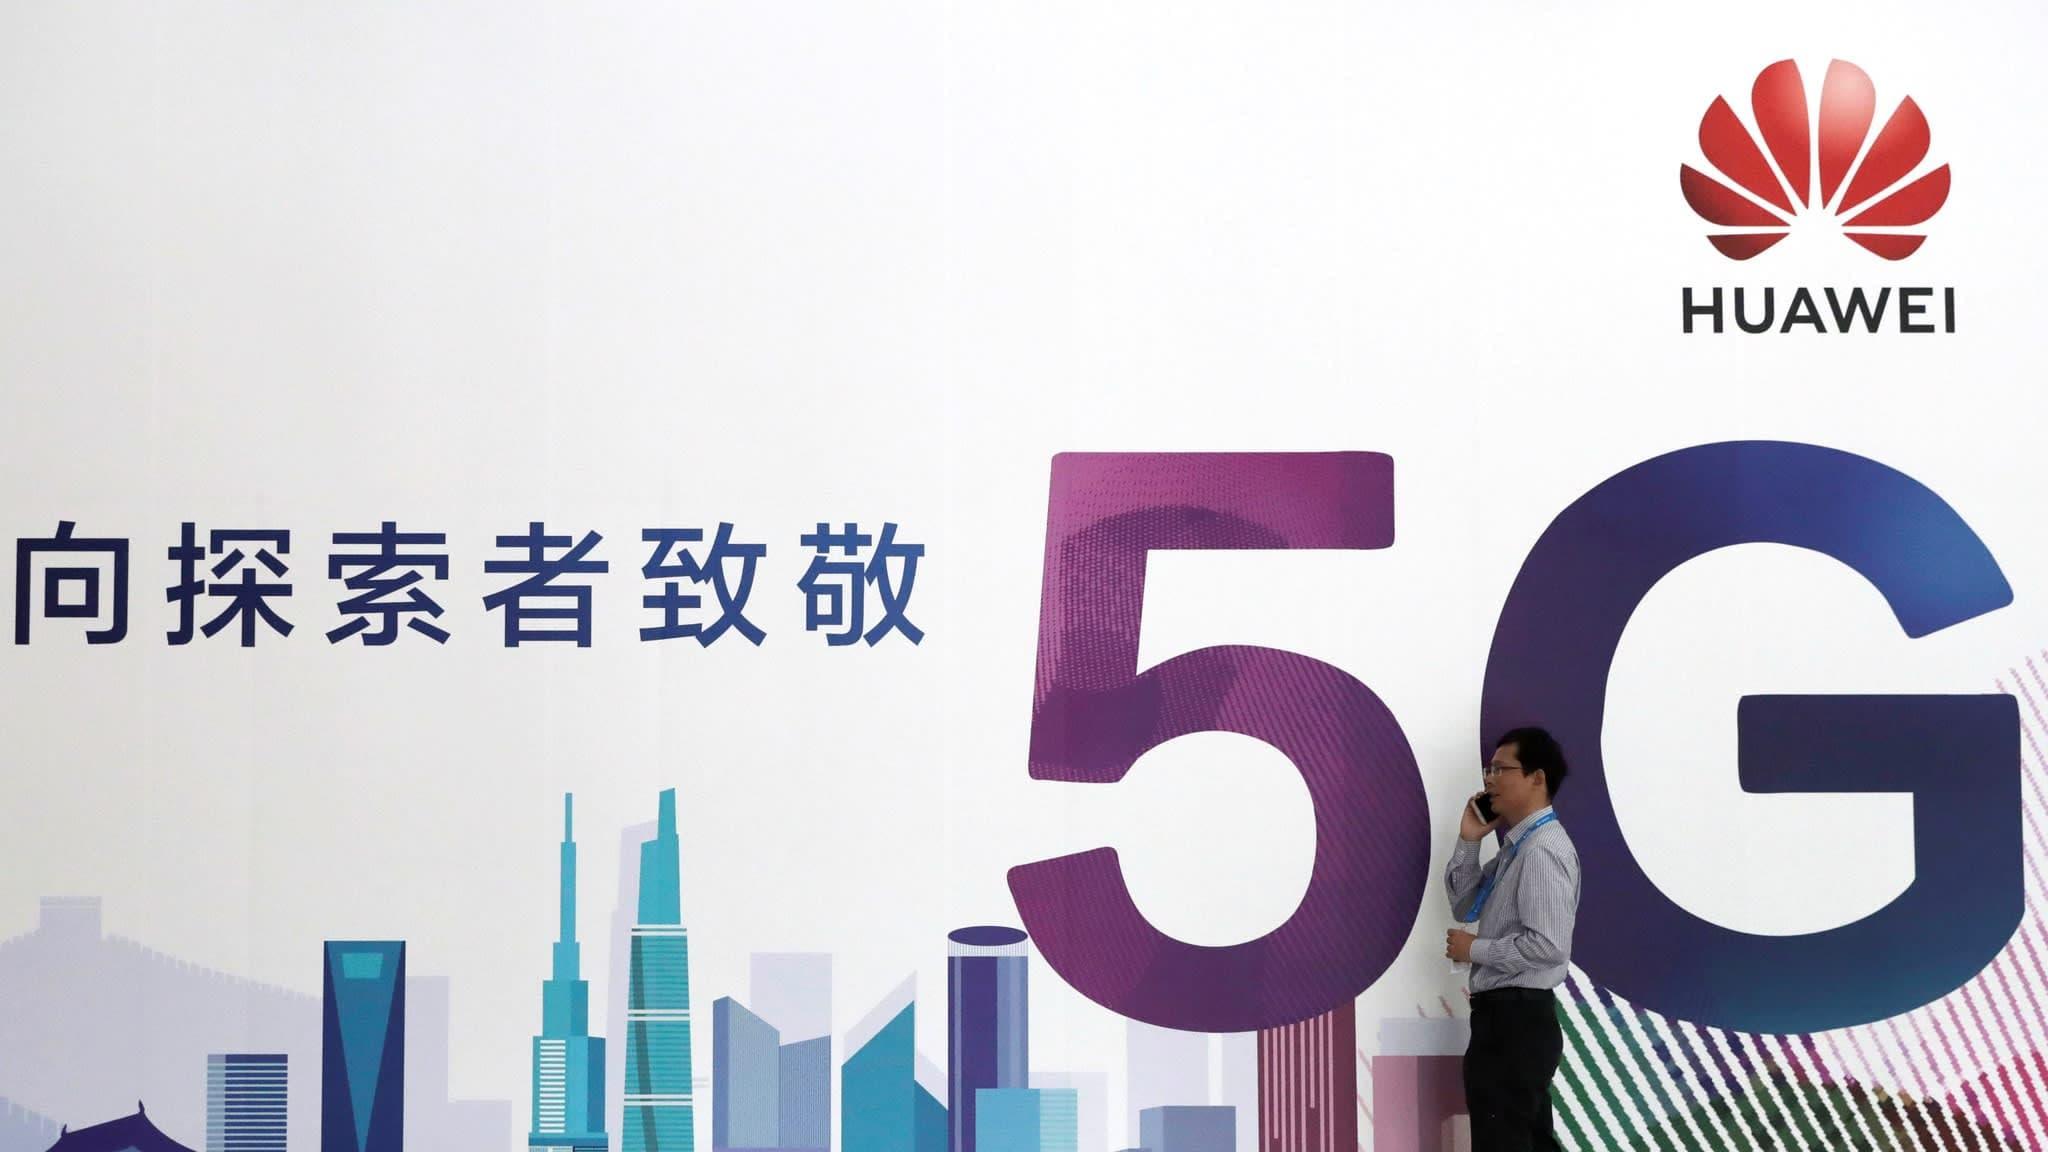 5G Huawei UK